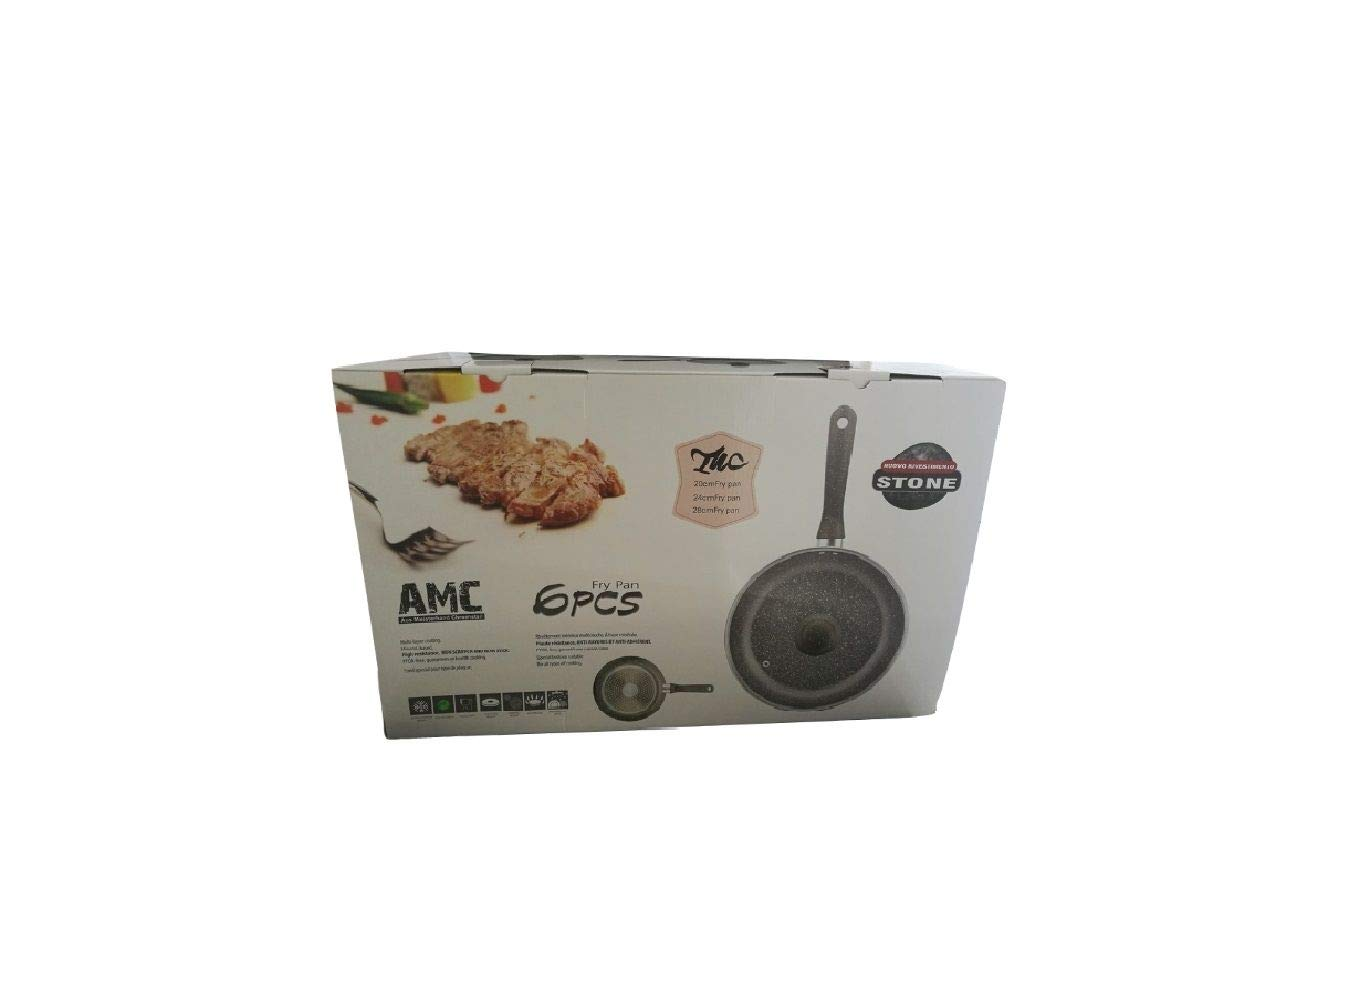 AMC Arcamania Set de 3 sartenes con Tapa Revestimiento Antiadherente Reforzado cm. 24 cm 28 cm: Amazon.es: Hogar